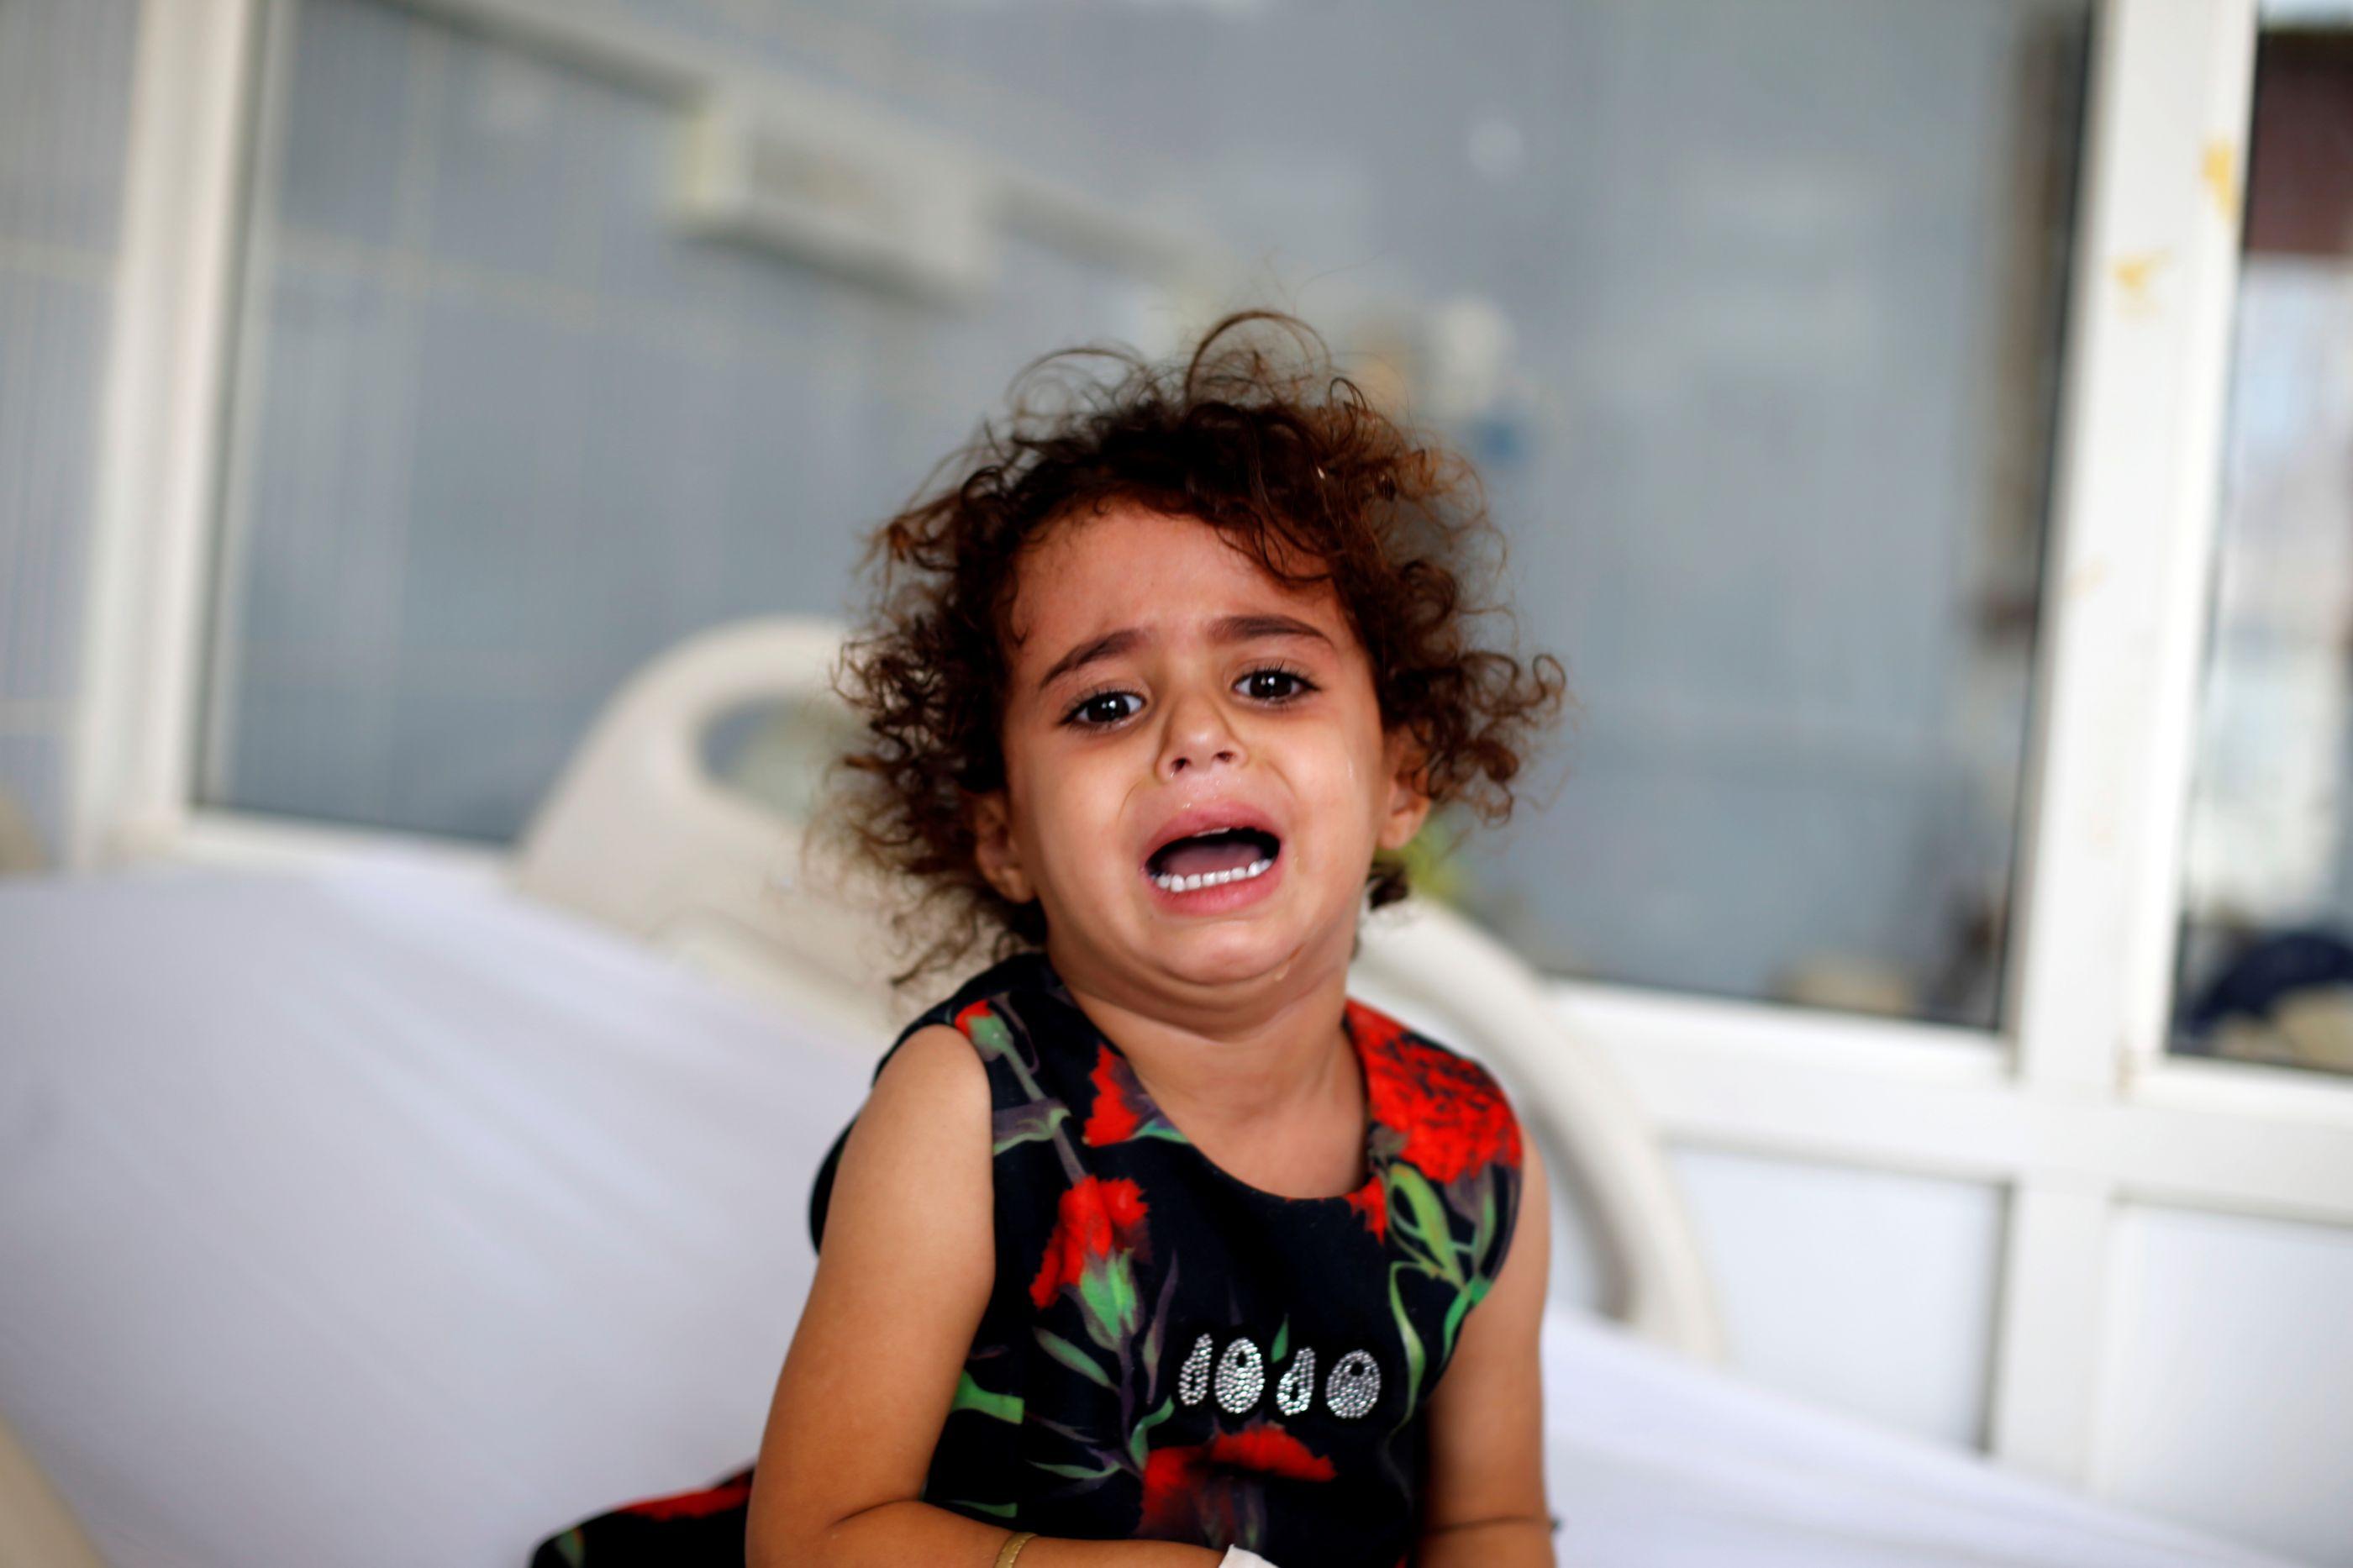 Cerca de 85 mil crianças morreram de fome no Iémen